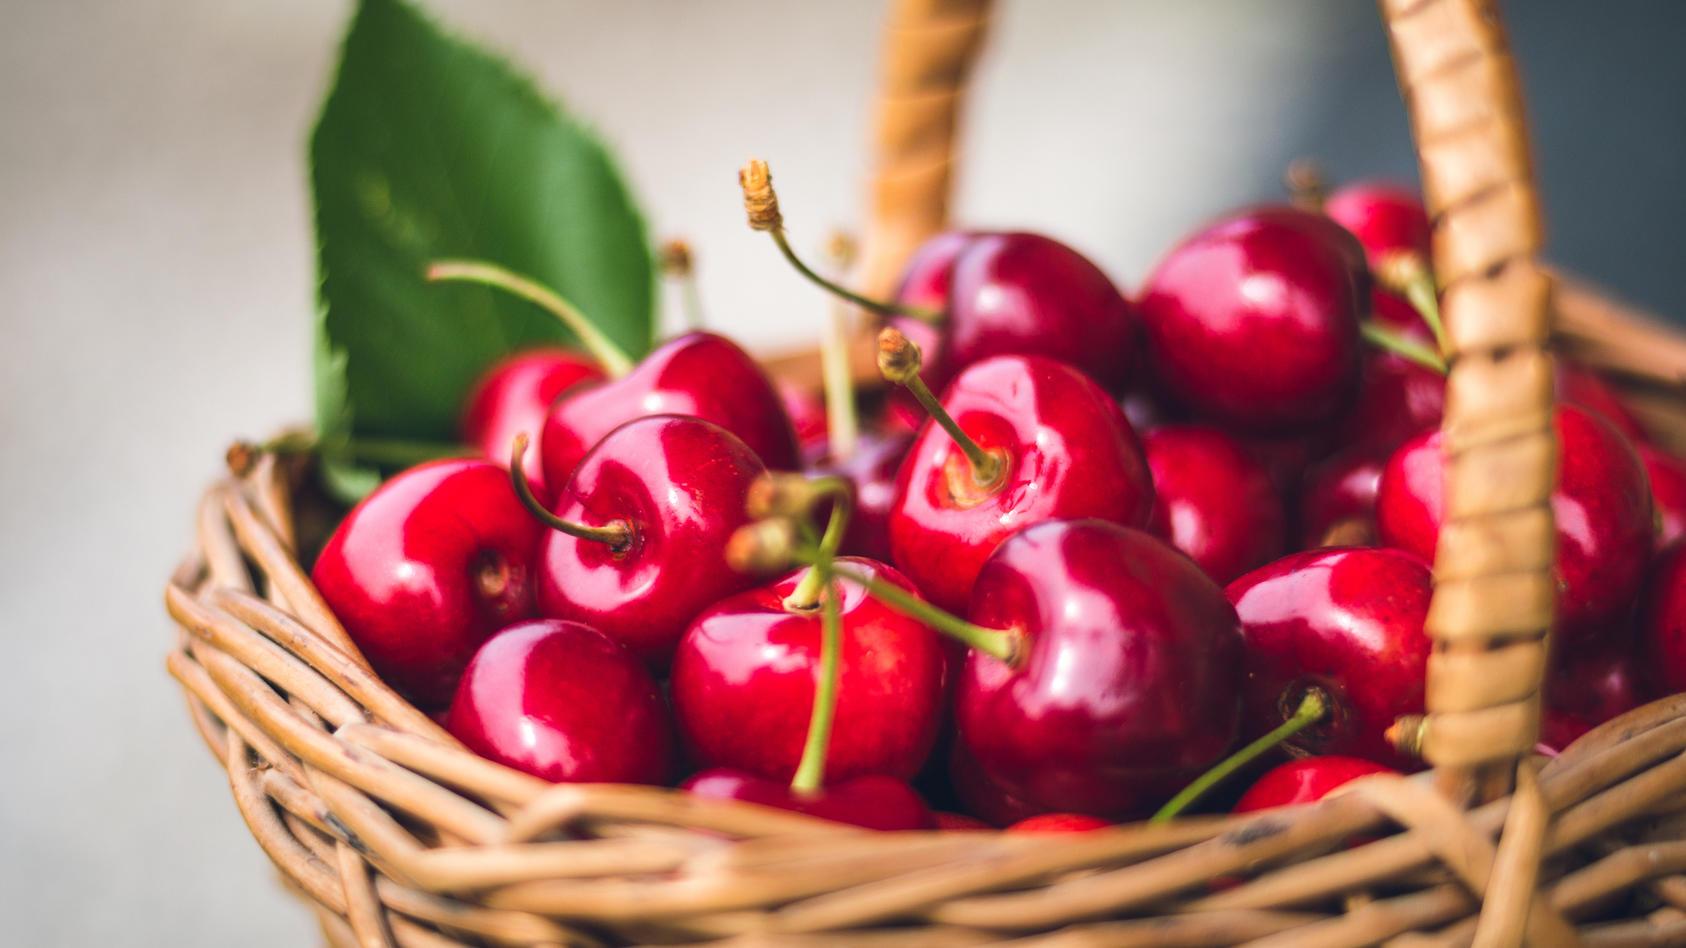 Je länger der Stiel an der Kirsche bleibt, desto länger ist die Frucht haltbar.